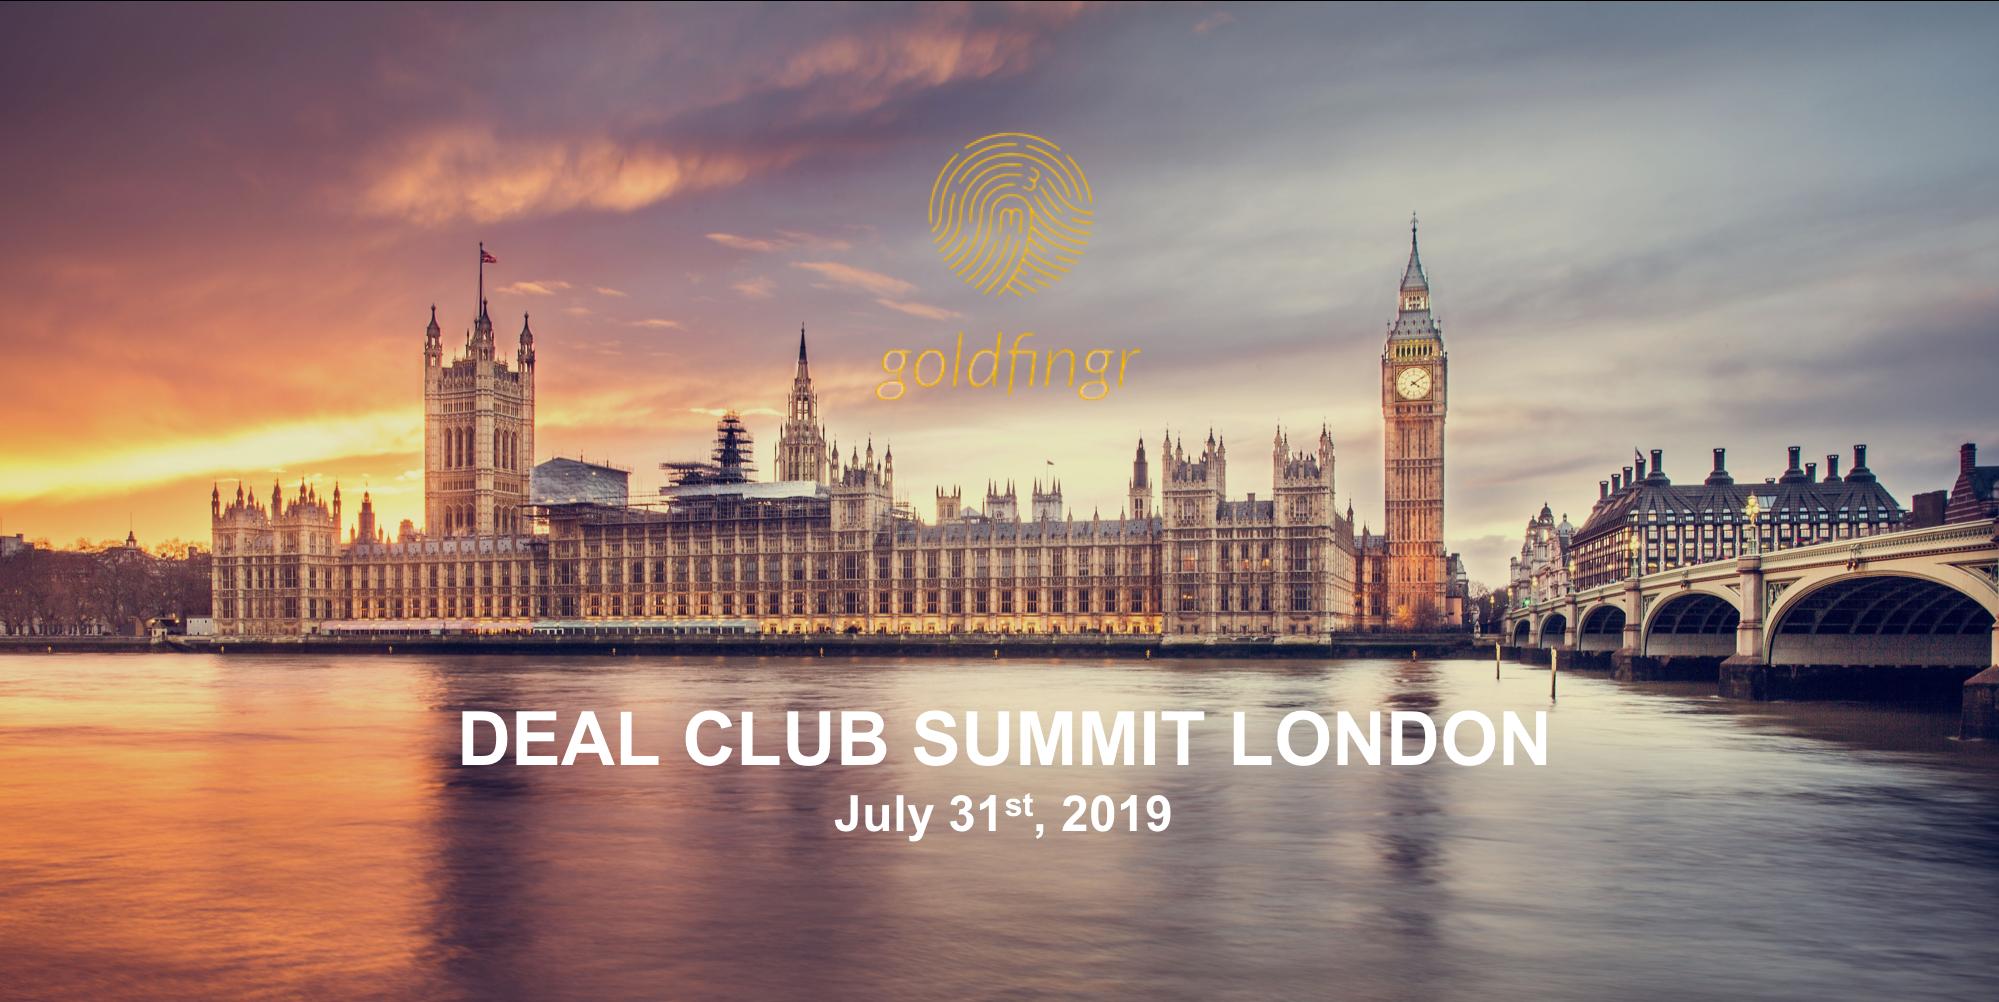 deql club london .png